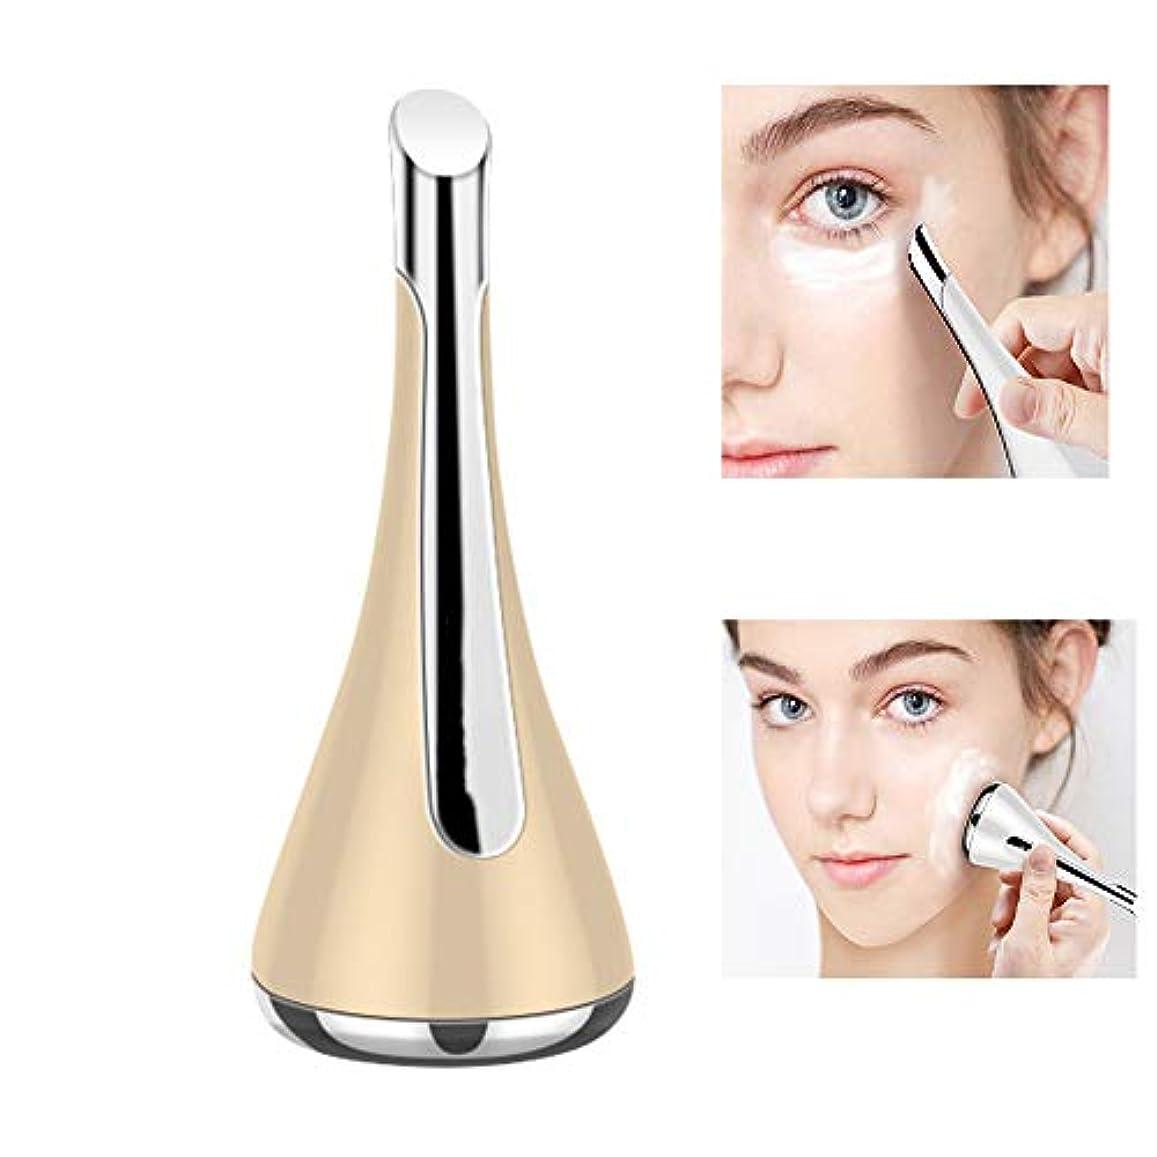 触覚歌母性顔と目に明るい肌を導入するためのデュアルプローブ磁気導入器,金